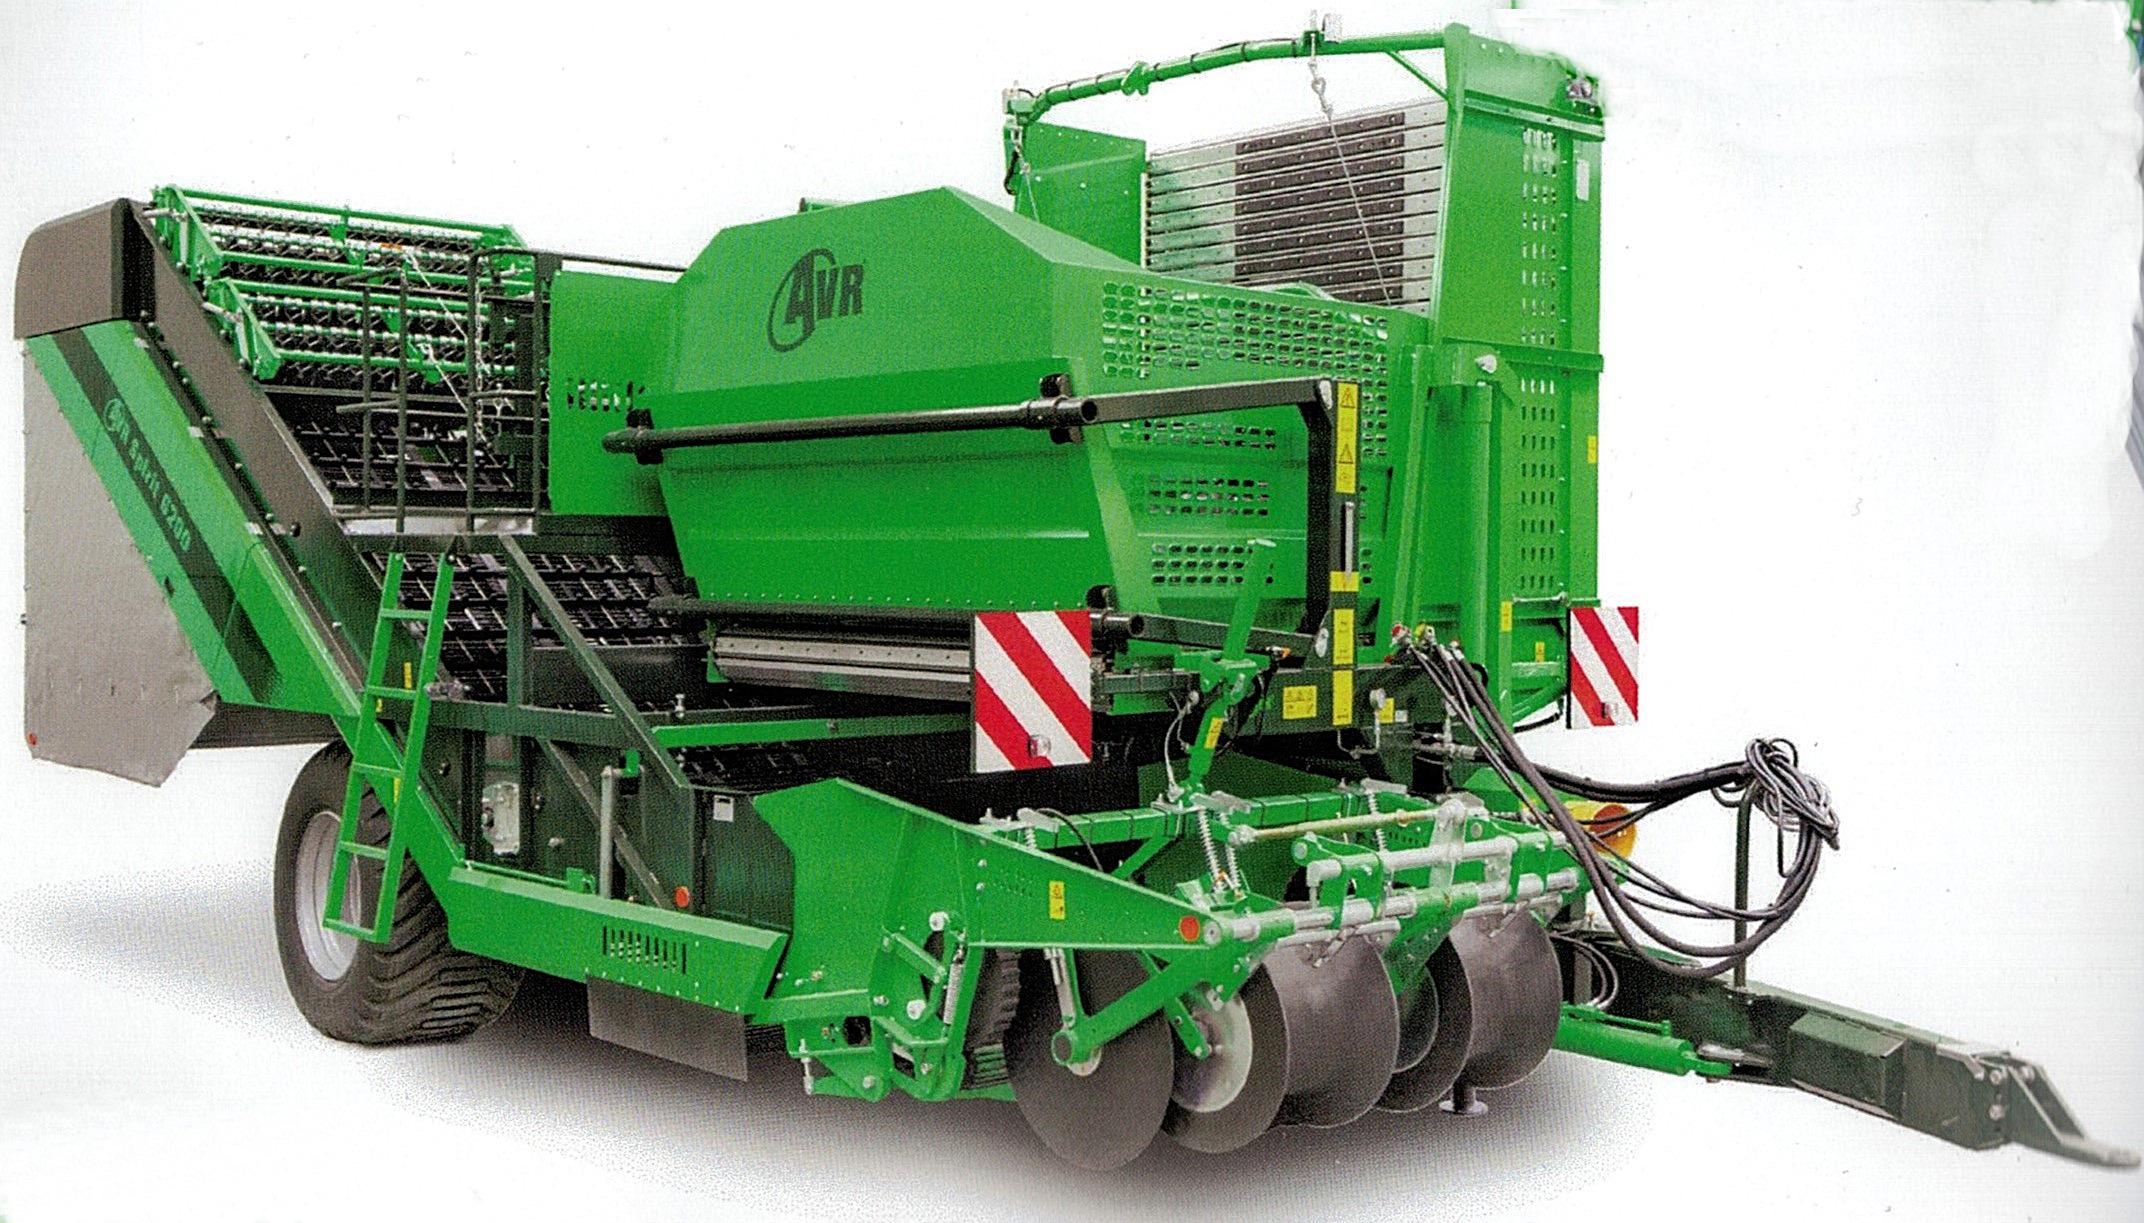 Dagens moderna upptagningsmaskiner har inte mycket gemensamt med de första tröskorna, som potatisodlarna i Dagsmark skaffade i början på 1970-talet. Både tekniken och storleken är en helt annan och de nya maskinerna är mycket mer skonsam vid upptagningen.